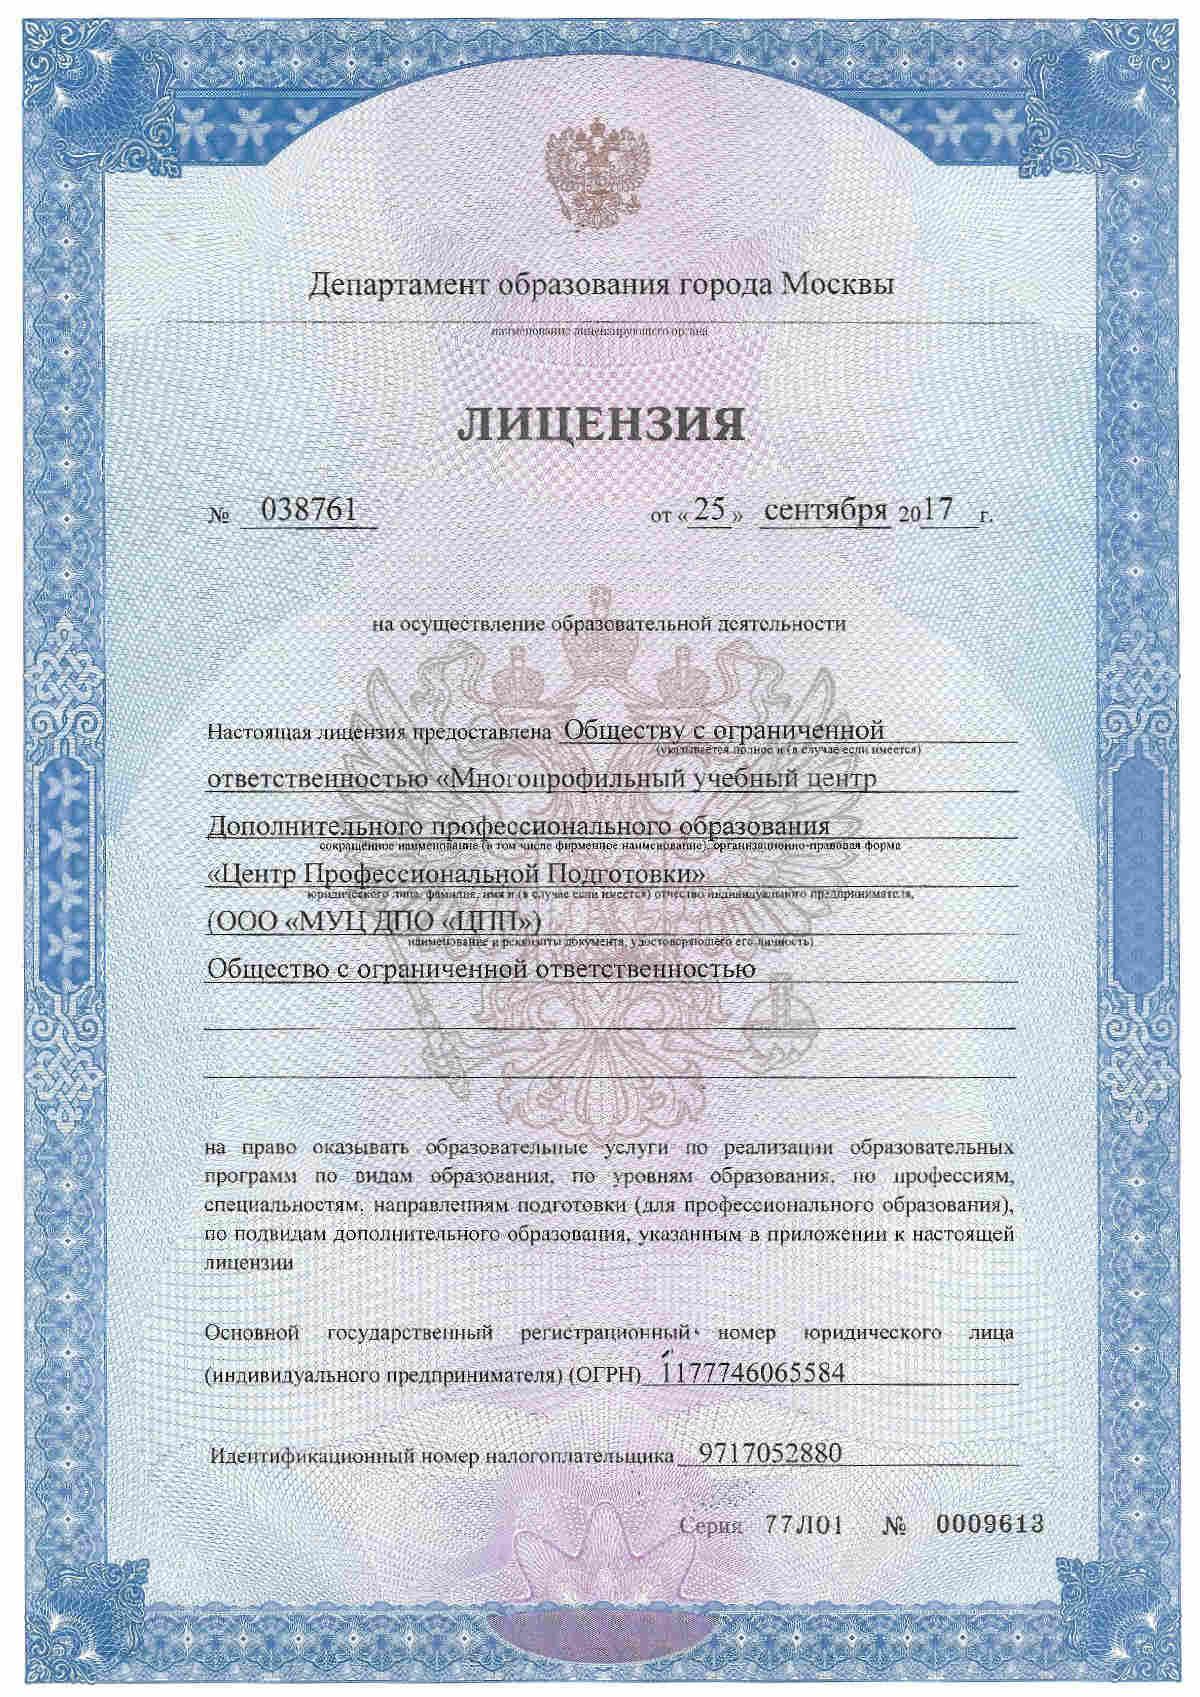 лицензий на образовательную деятельность